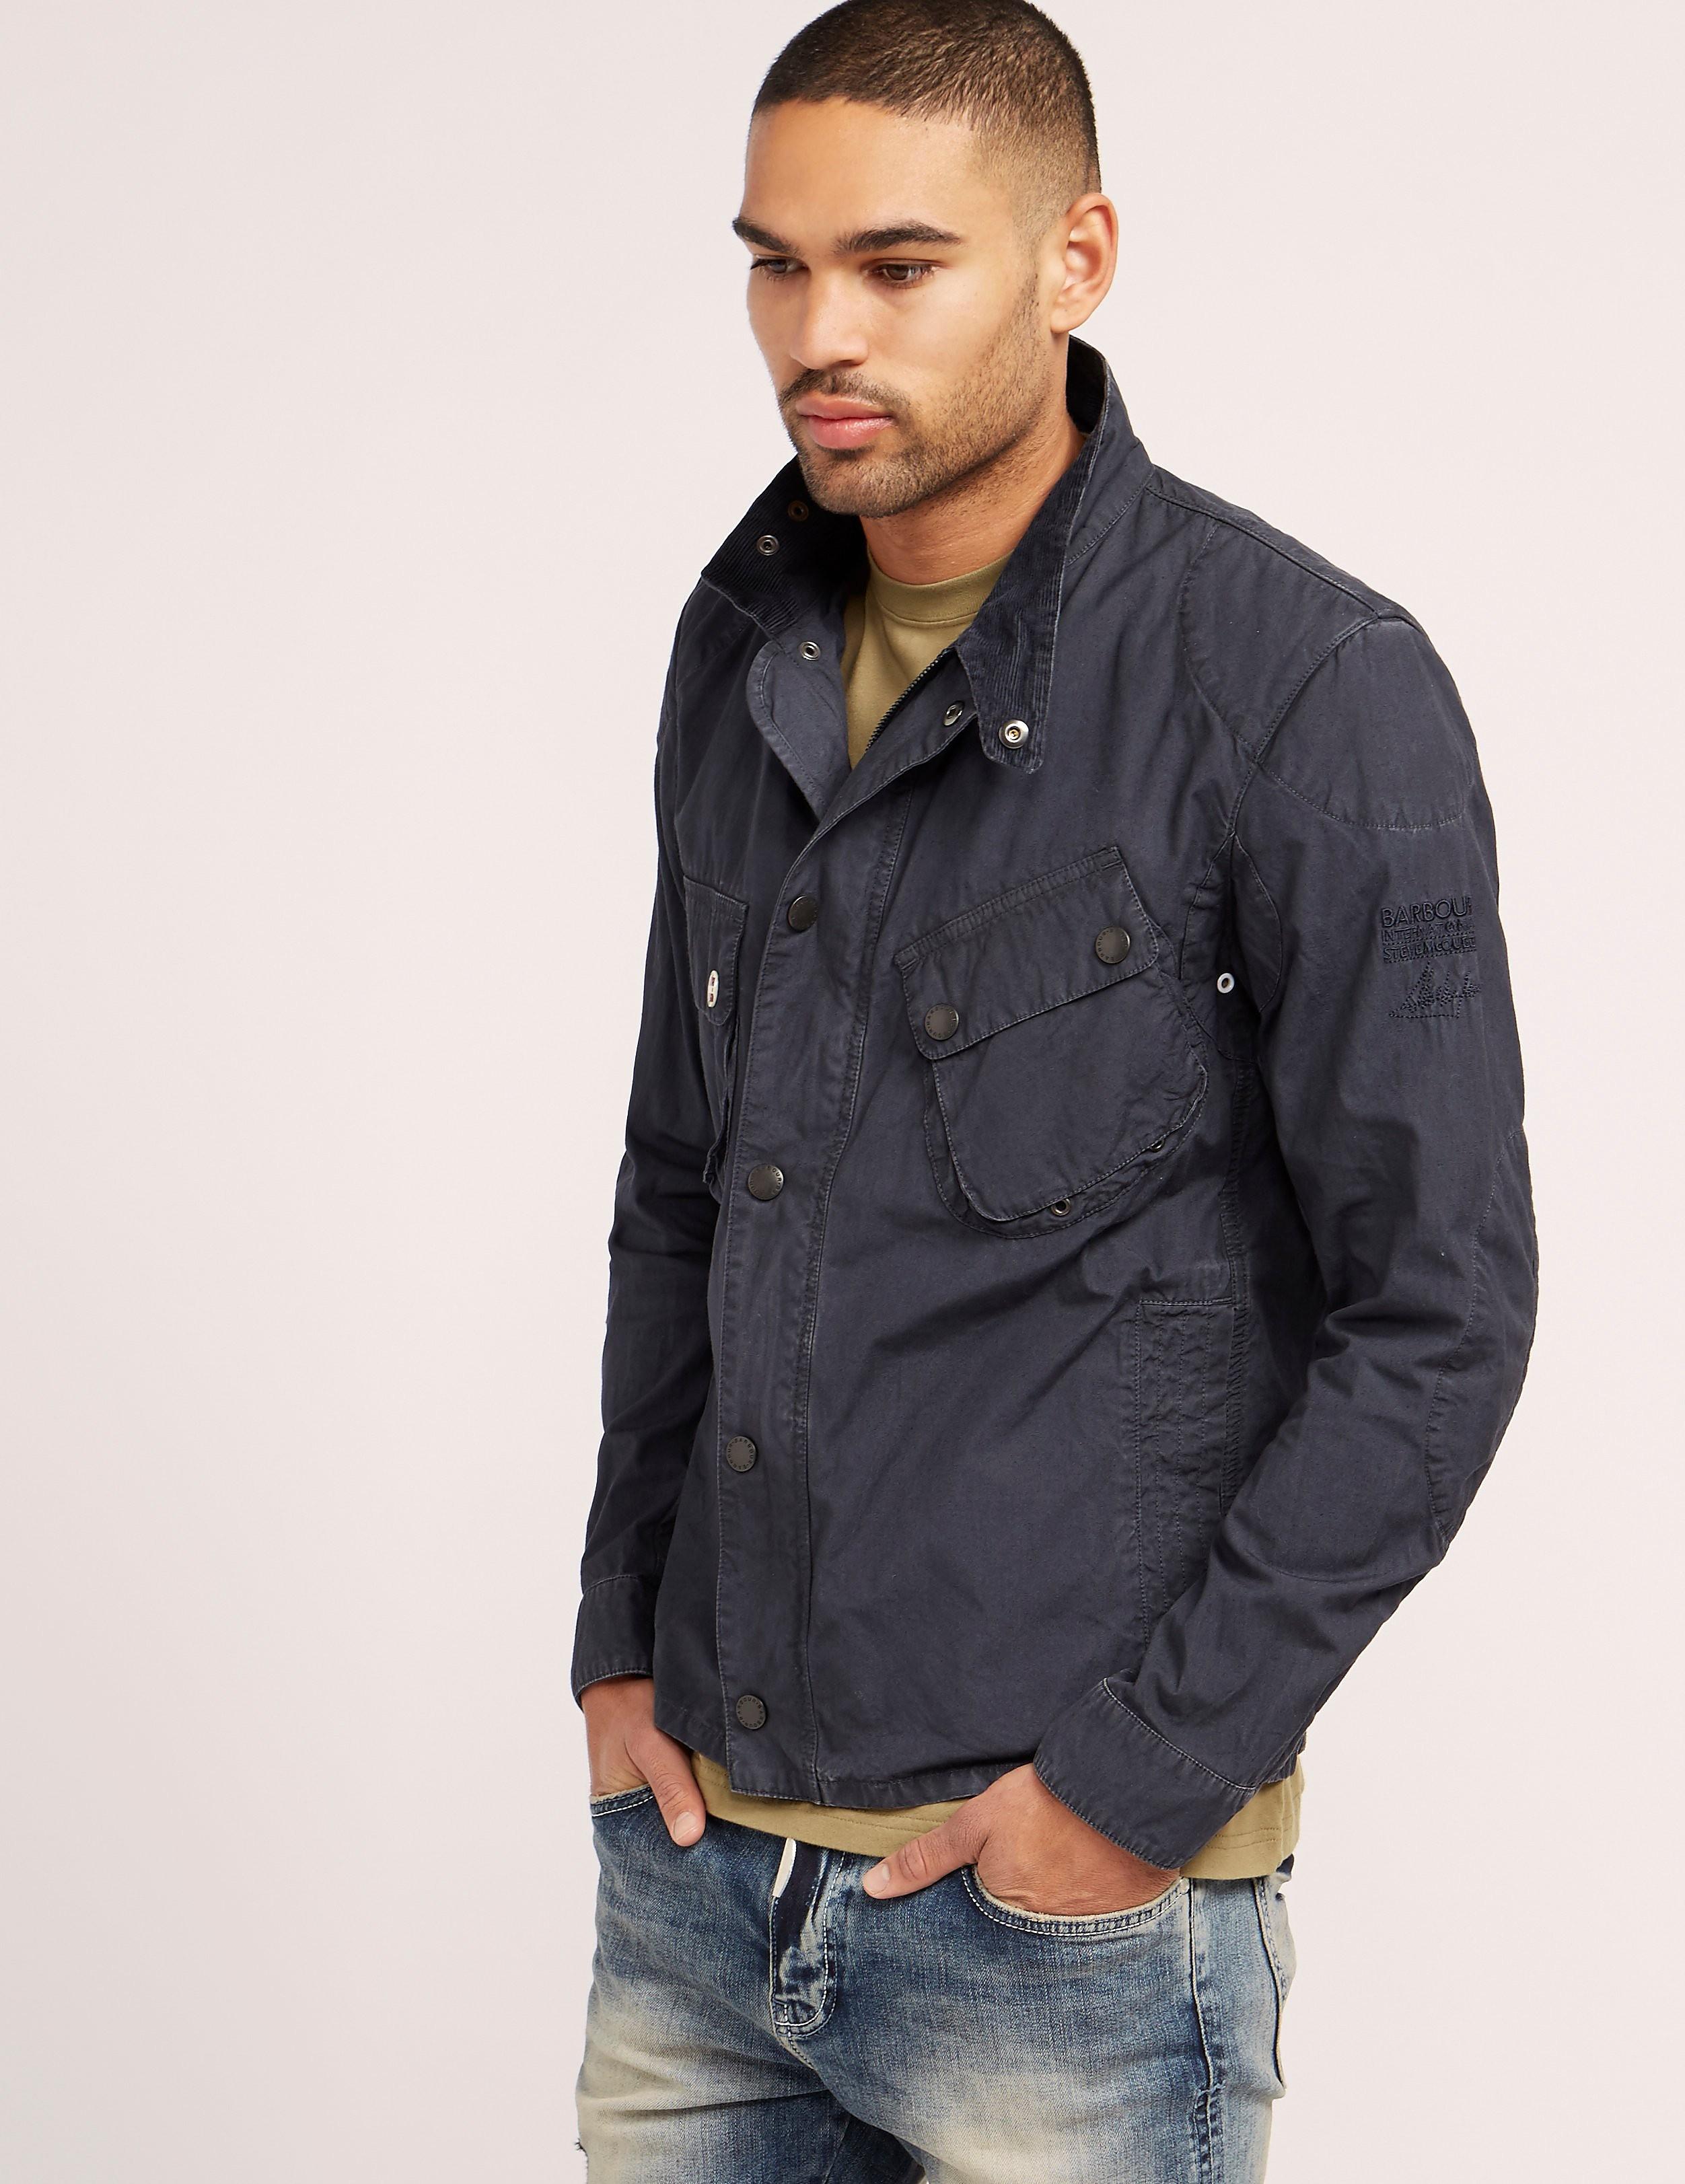 Barbour International Washed 9665 Jacket